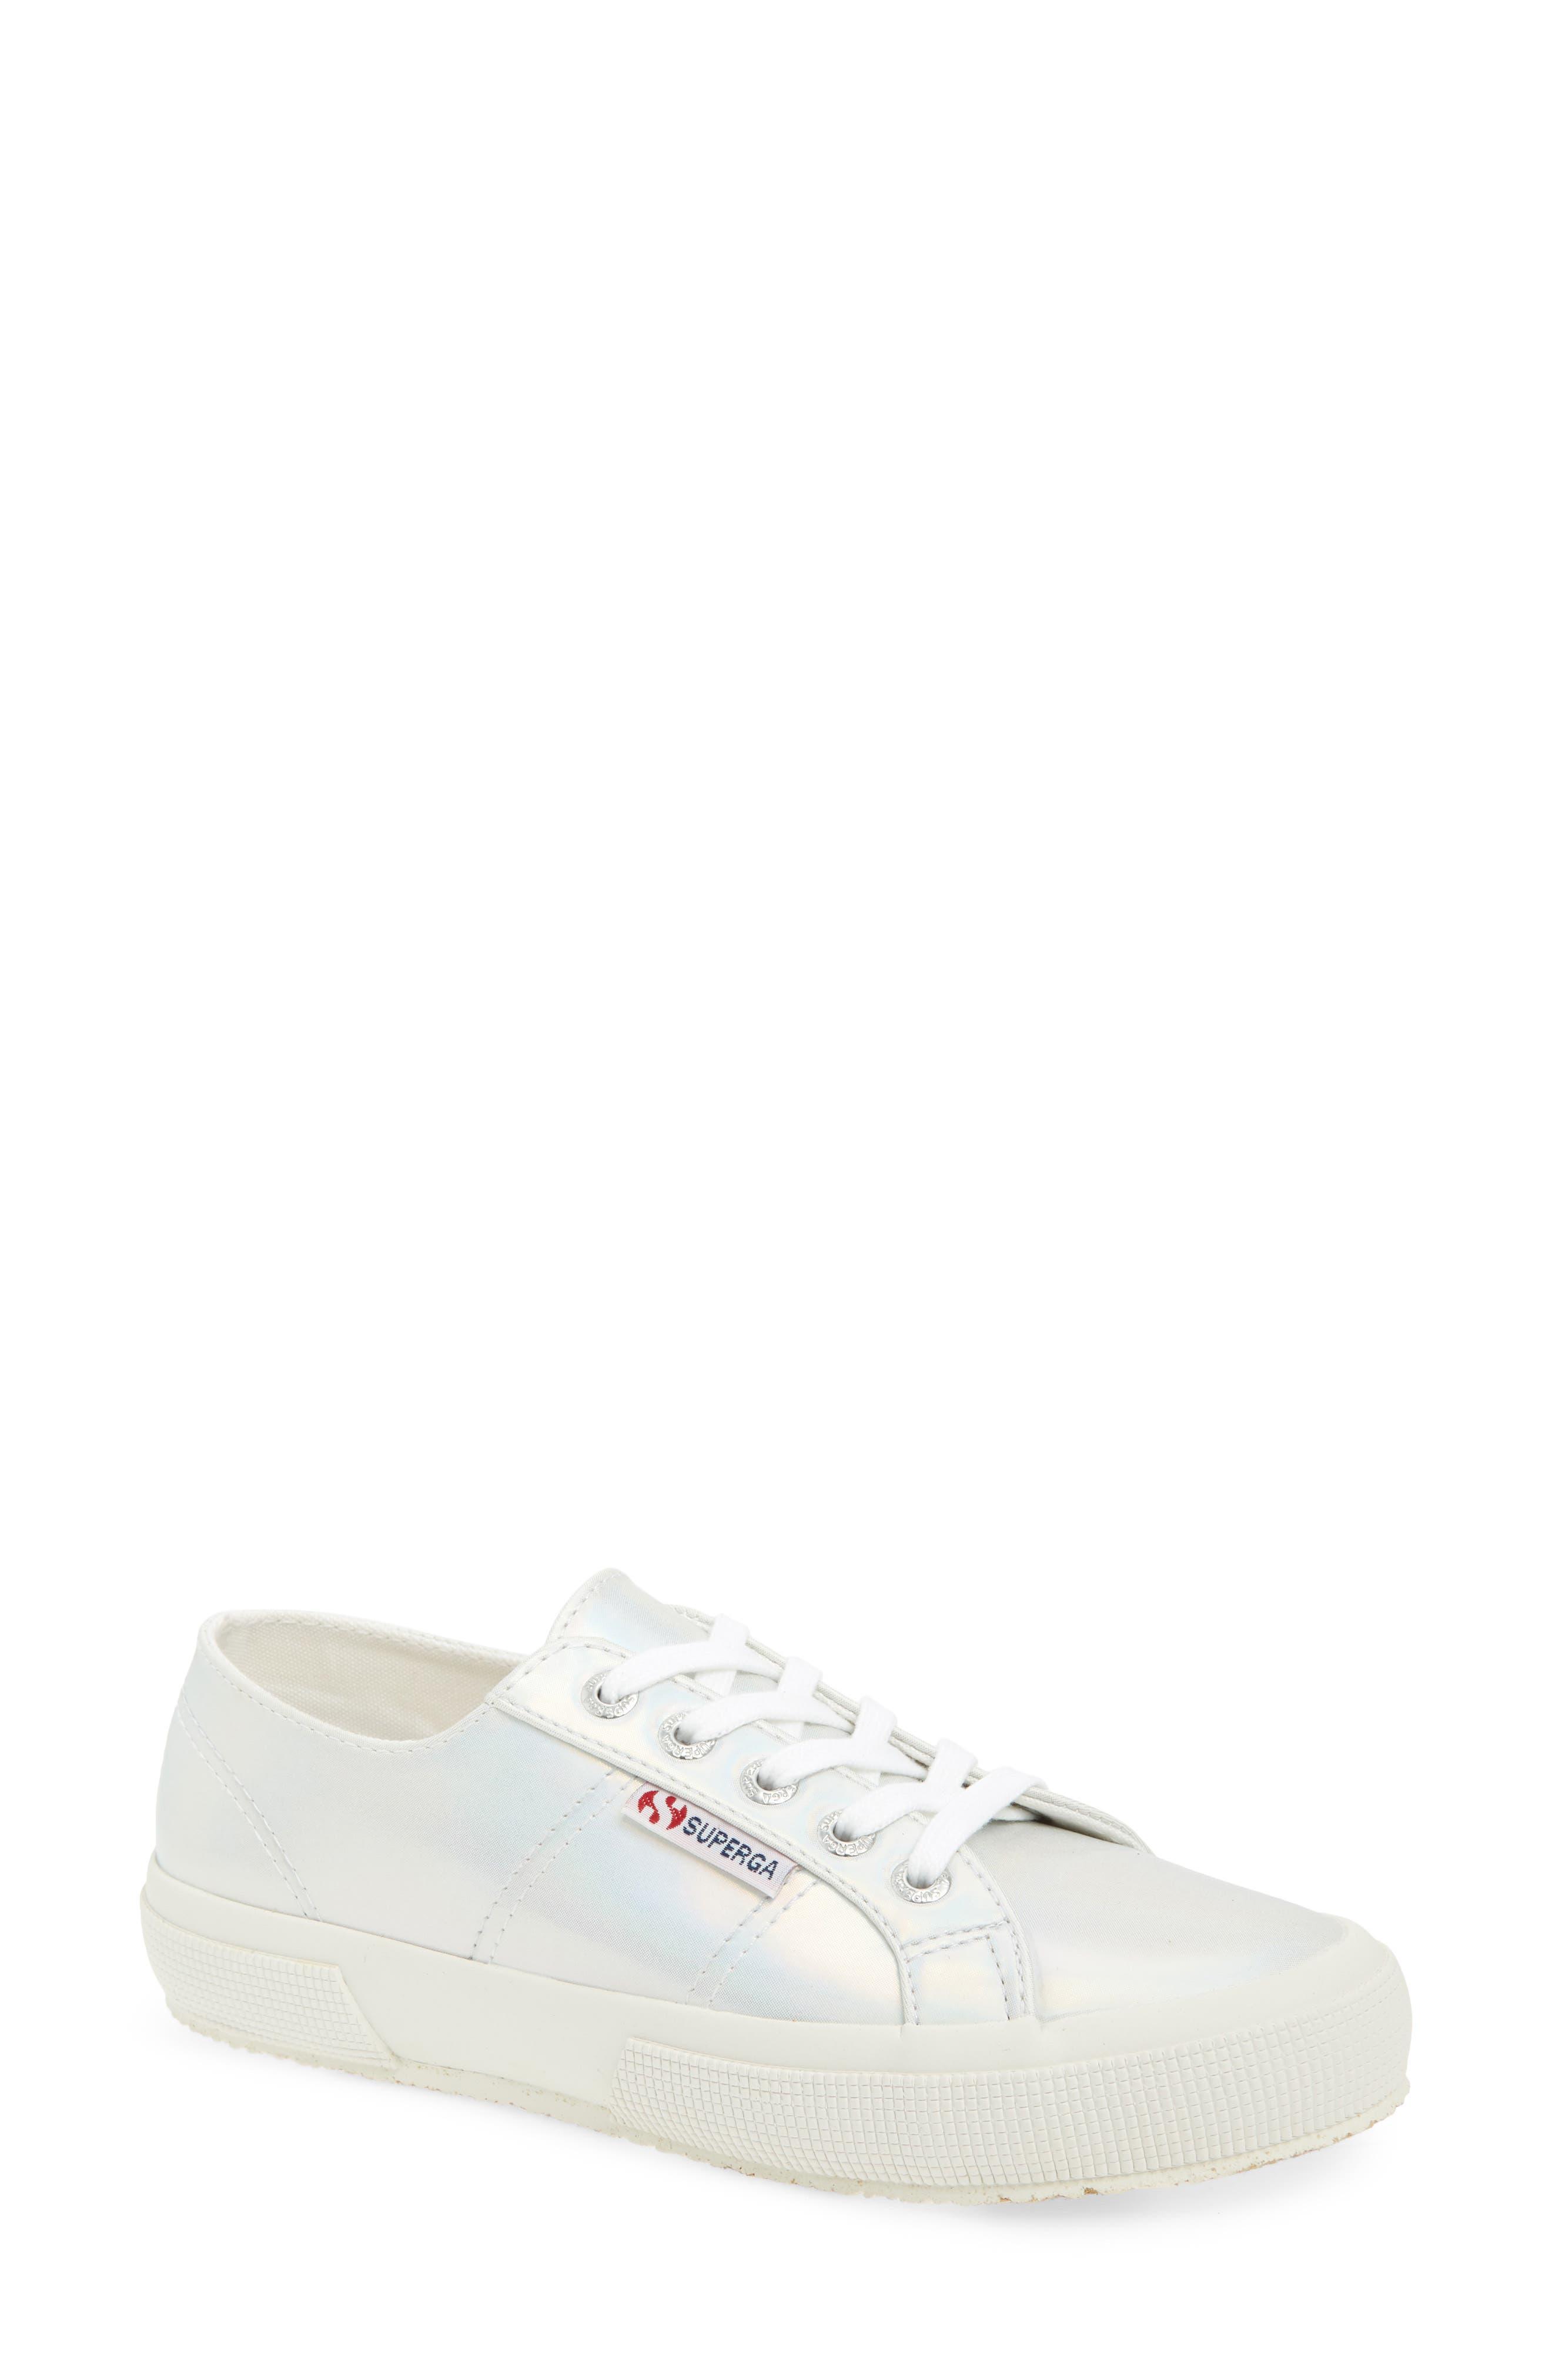 2750 Hologramw Low Top Sneaker,                         Main,                         color,